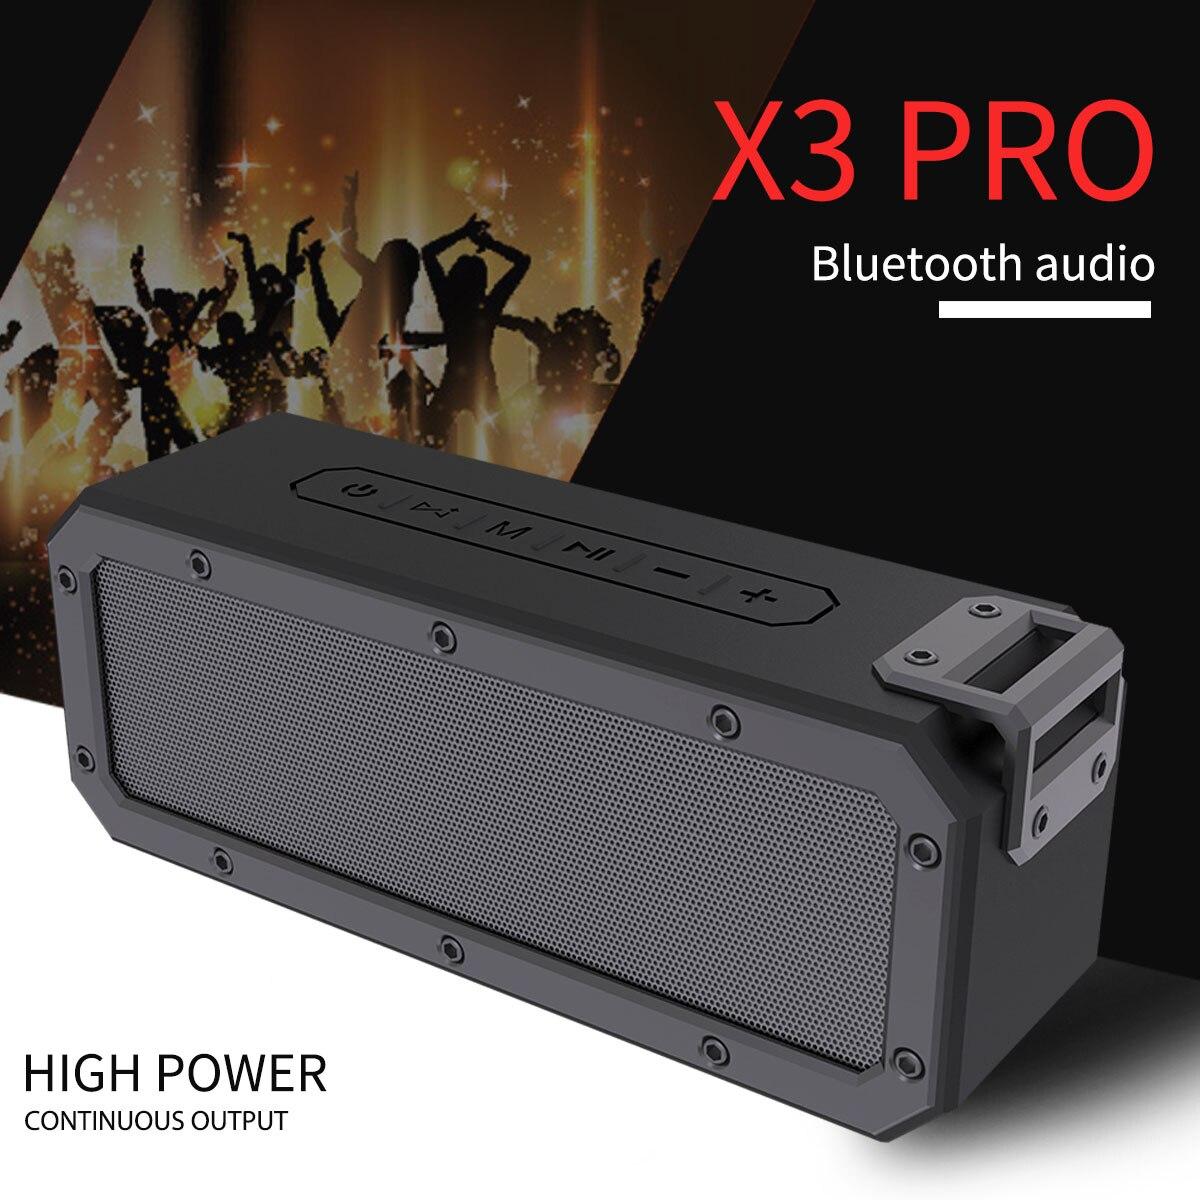 Initiative Tragbare Wasserdichte Bluetooth Lautsprecher Ipx7 Outdoor Dusche Drahtlose Lautsprecher Spielzeit Hd Audio Eingebaute Mic Tws Modus Und Tf Karte Clear-Cut-Textur Unterhaltungselektronik